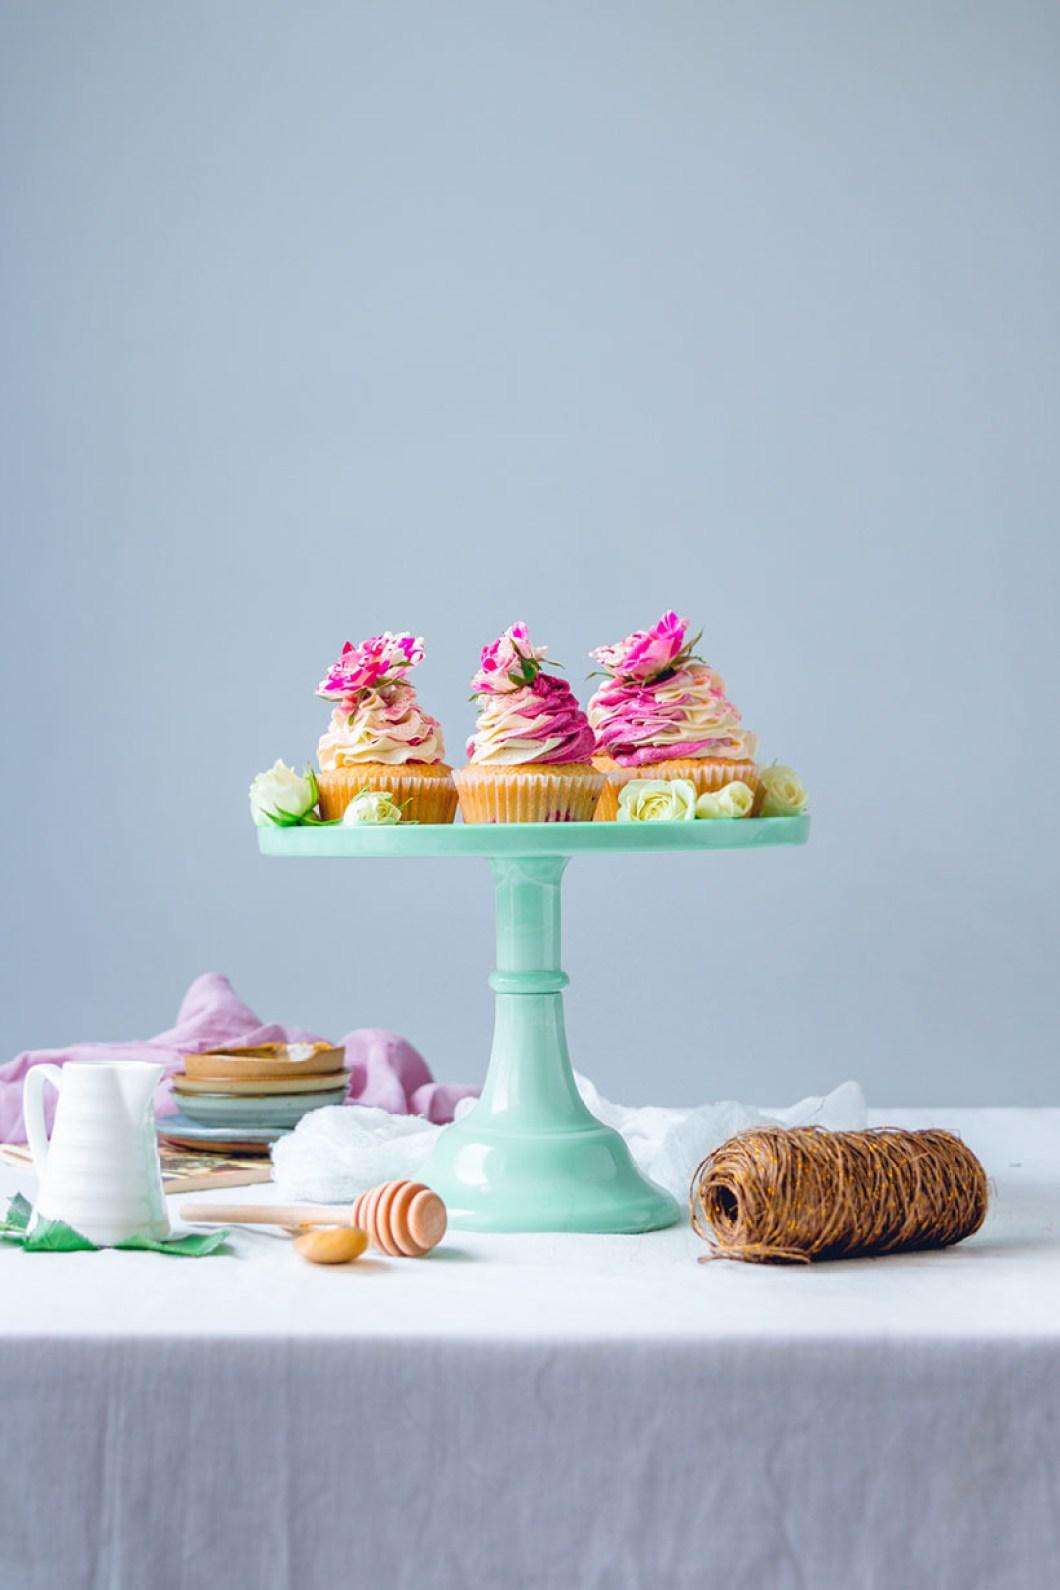 cupcakes_blackberry-8869